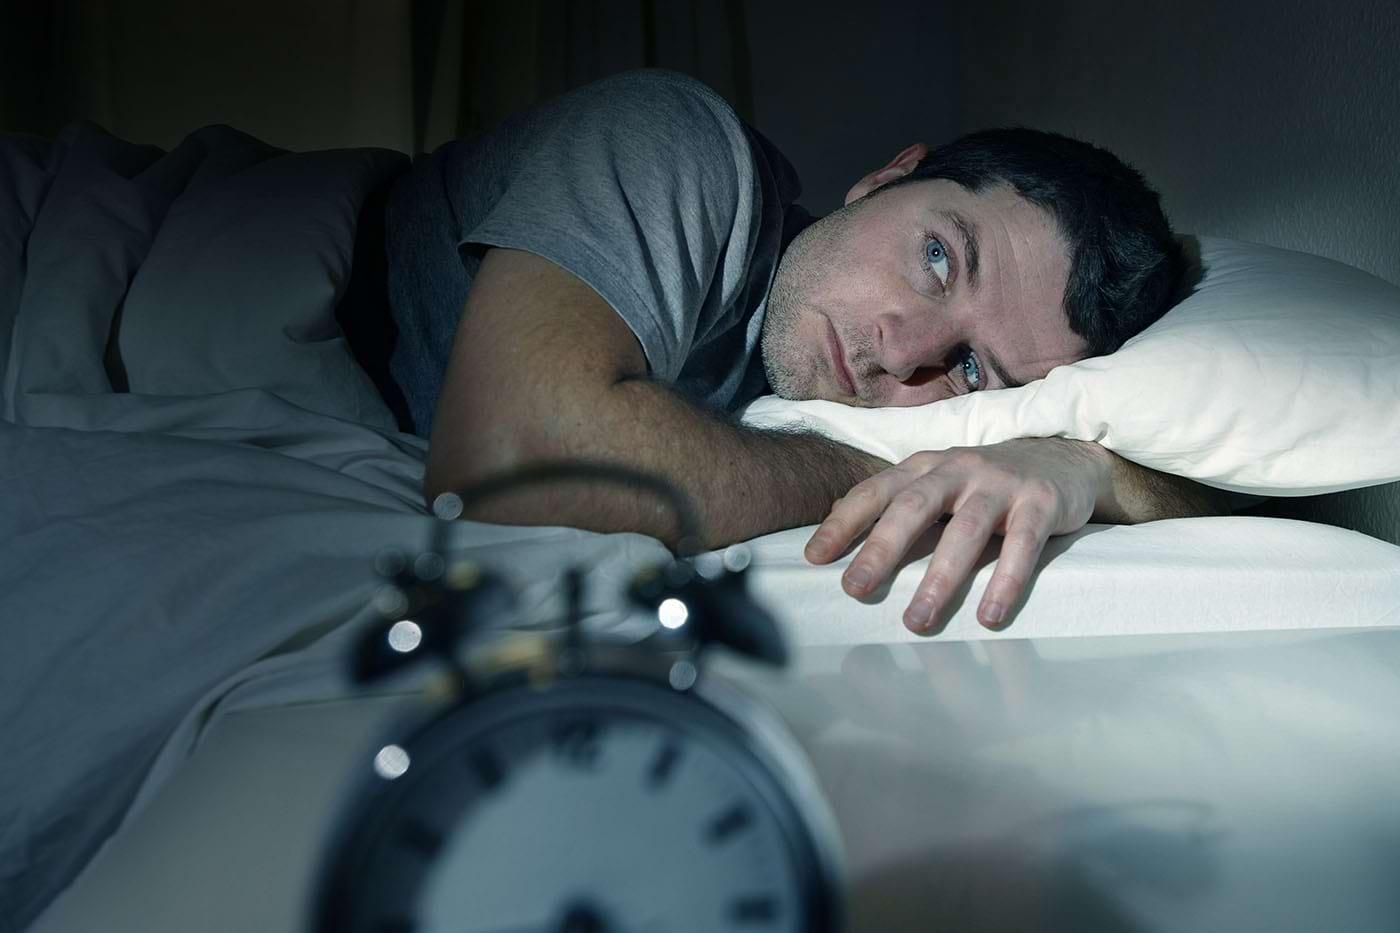 Probleme cu somnul trei nopți la rând? Iată ce efecte negative apar în corp